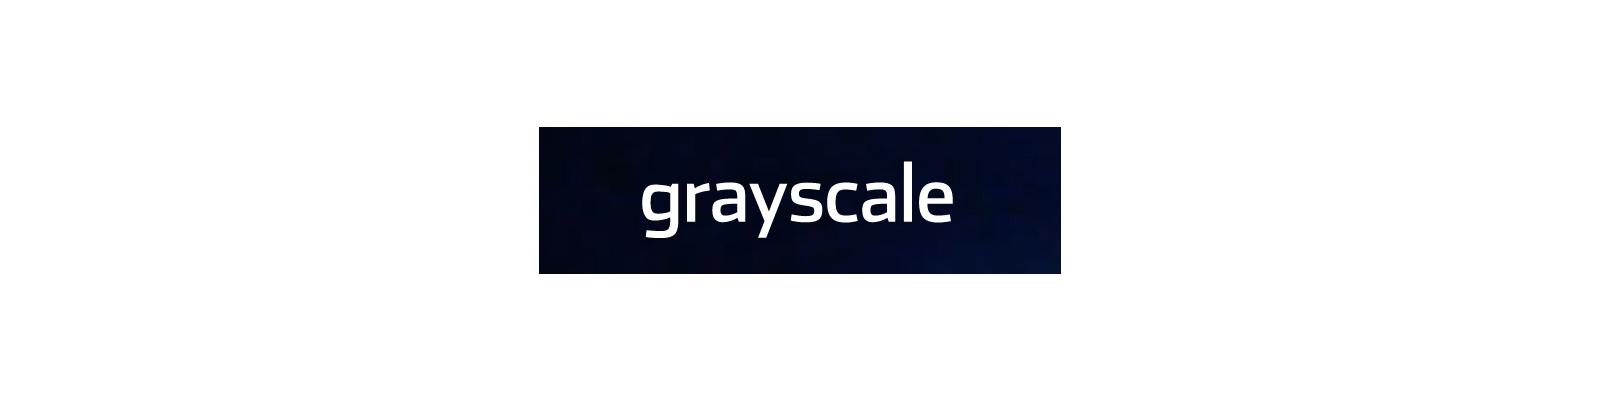 grayscale-1600x-400.jpg